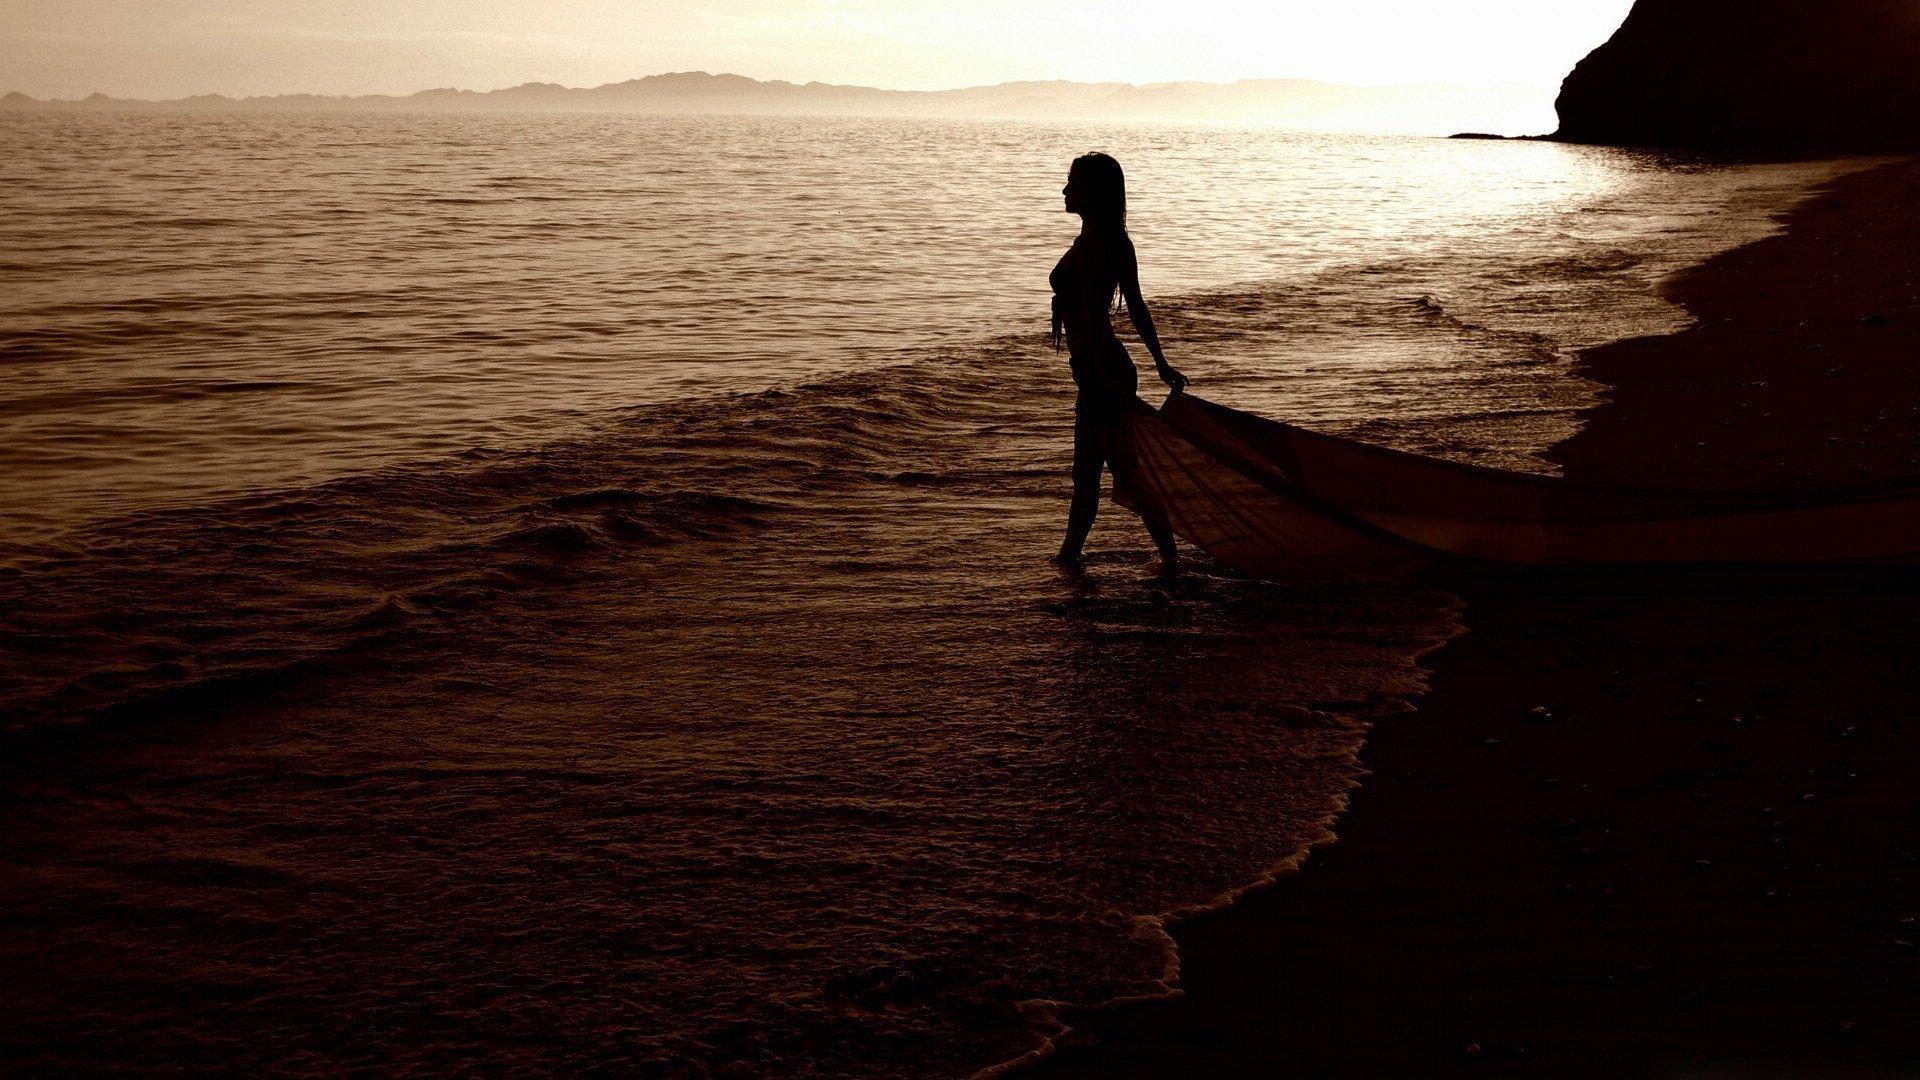 Море ночью: фото и картинки ночной пляж, скачать изображения на 35